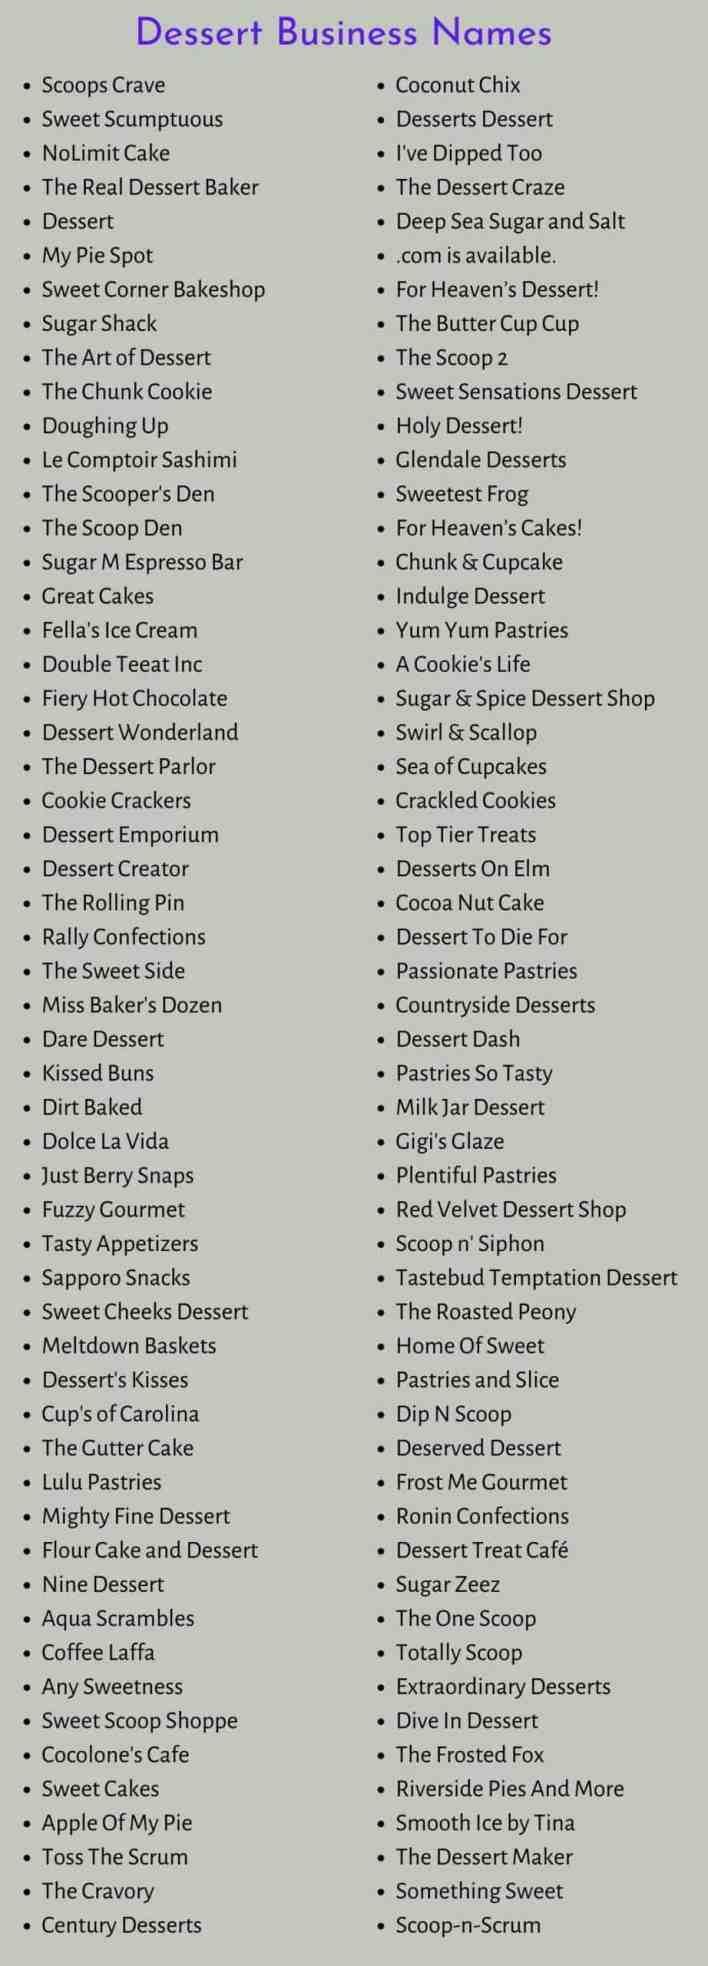 Dessert Business Names